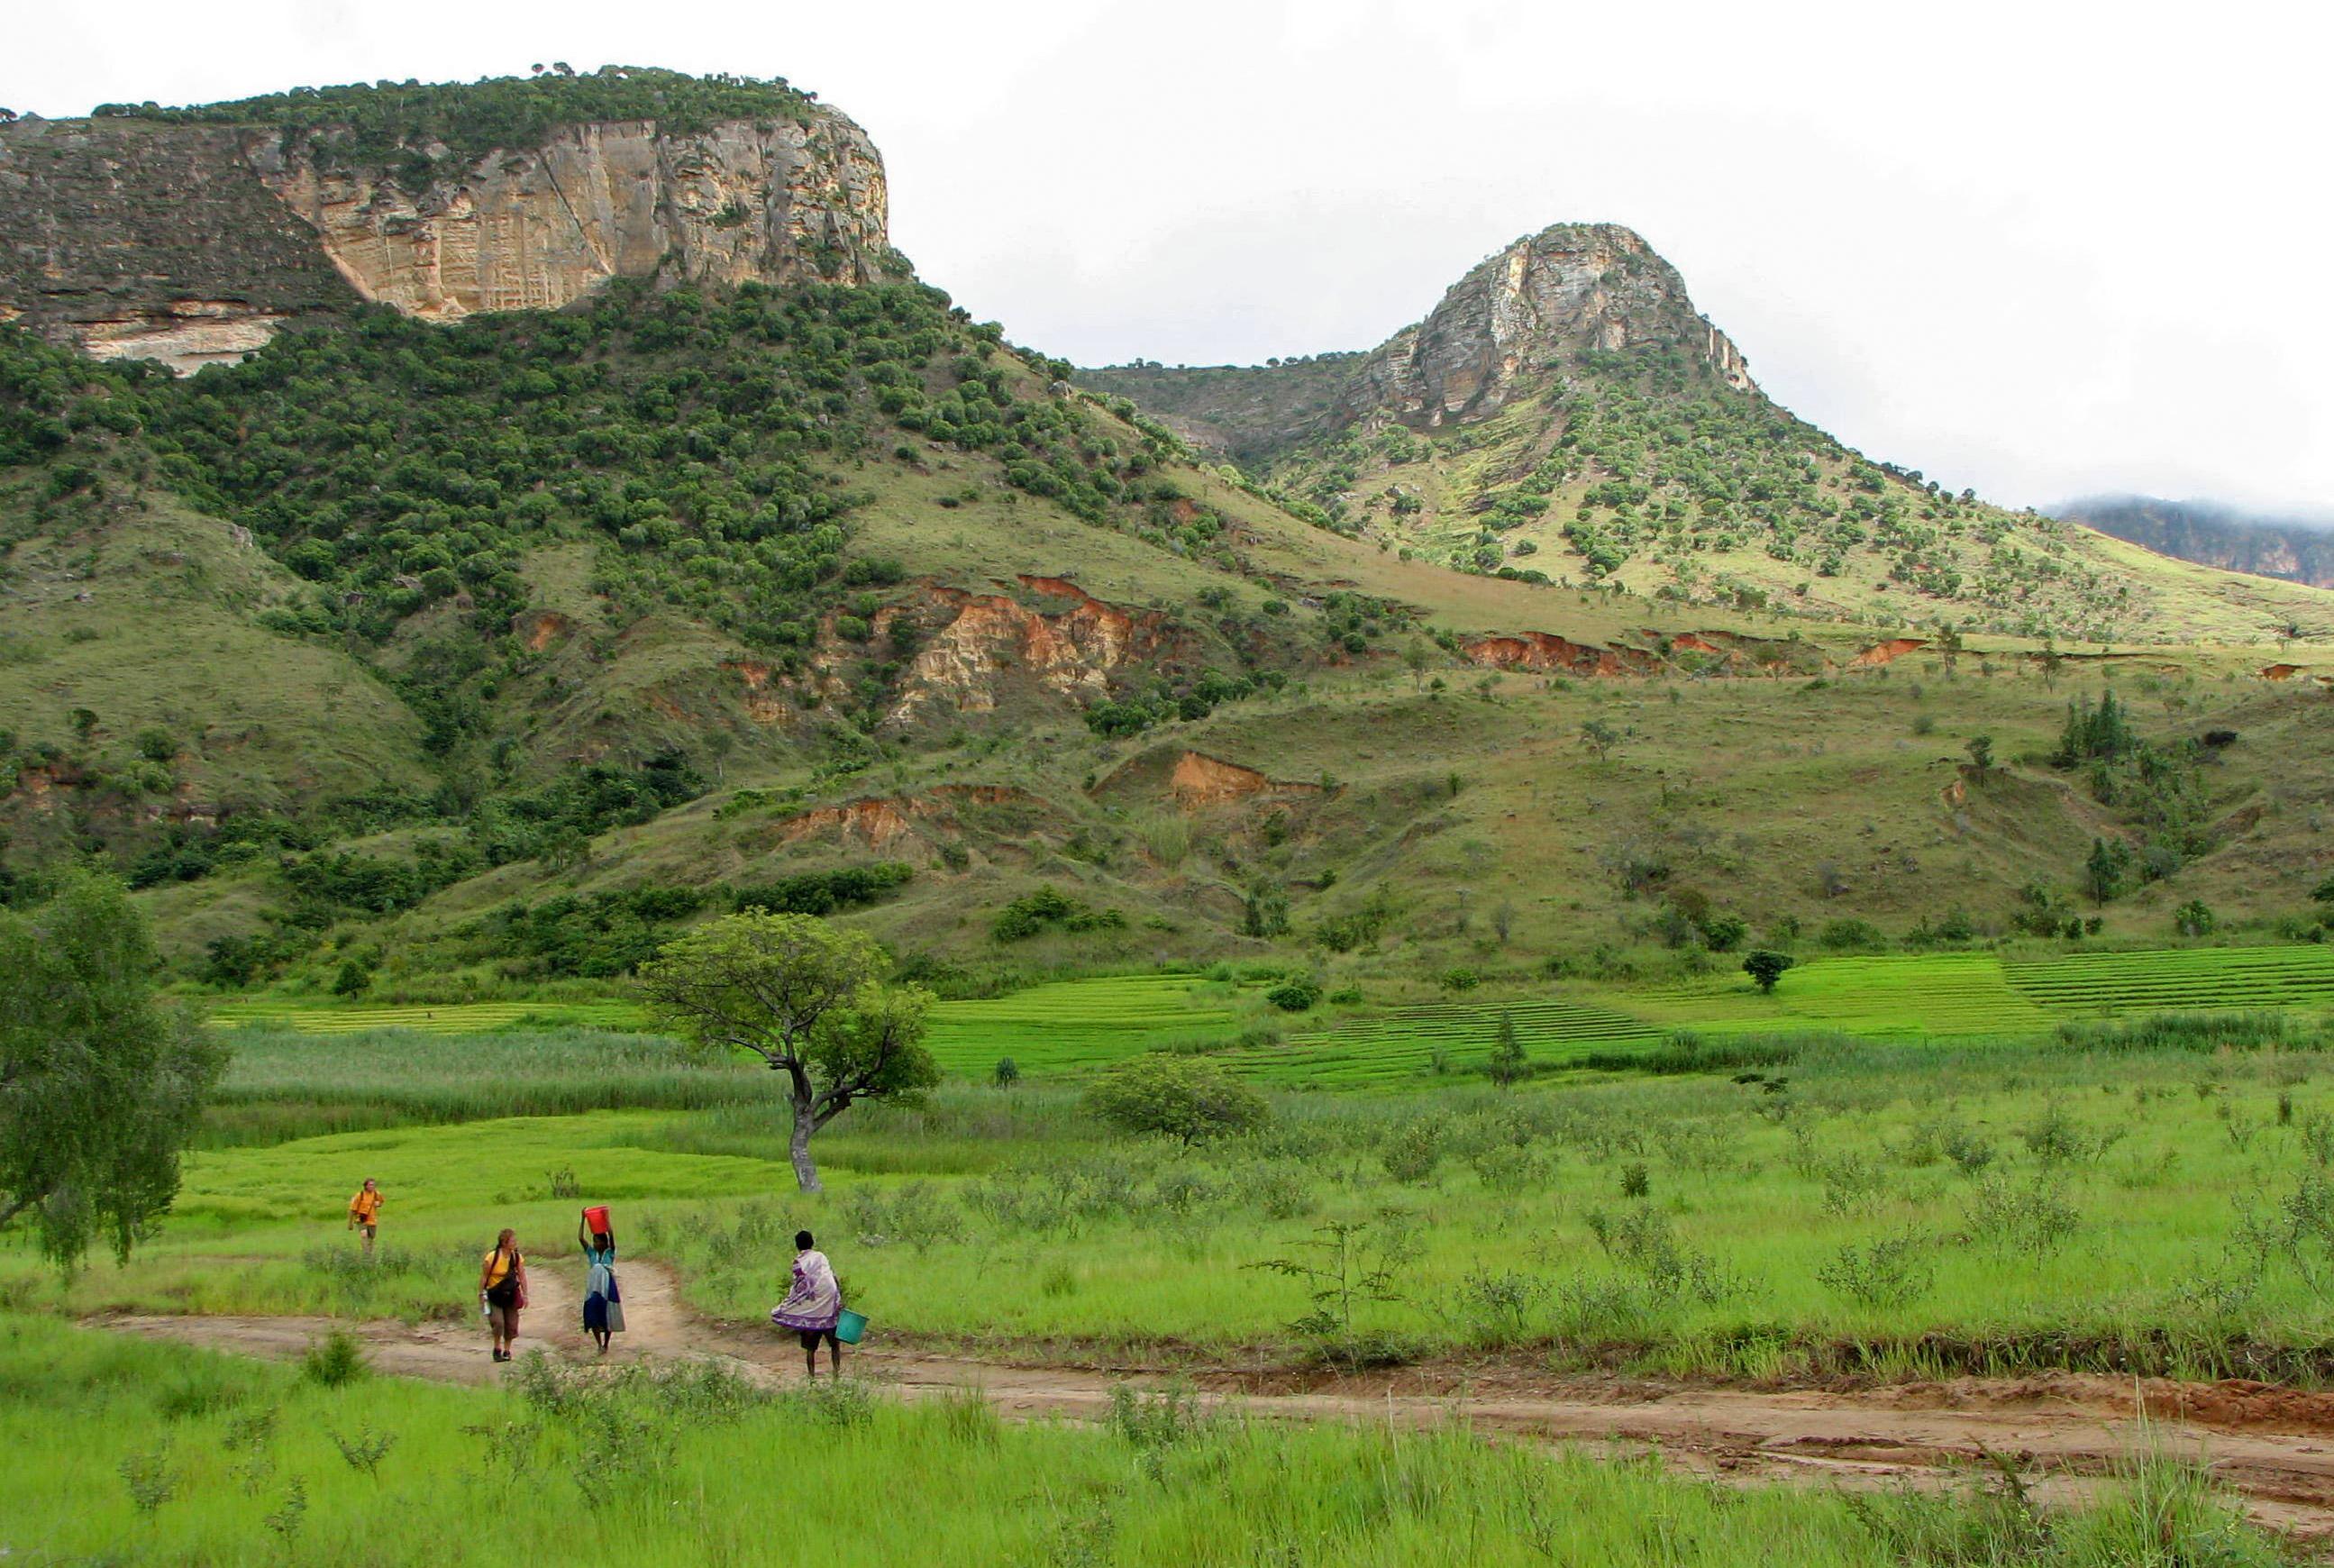 Республика Мадагаскар - достопримечательности и карта с описанием топ-9 интересных мест